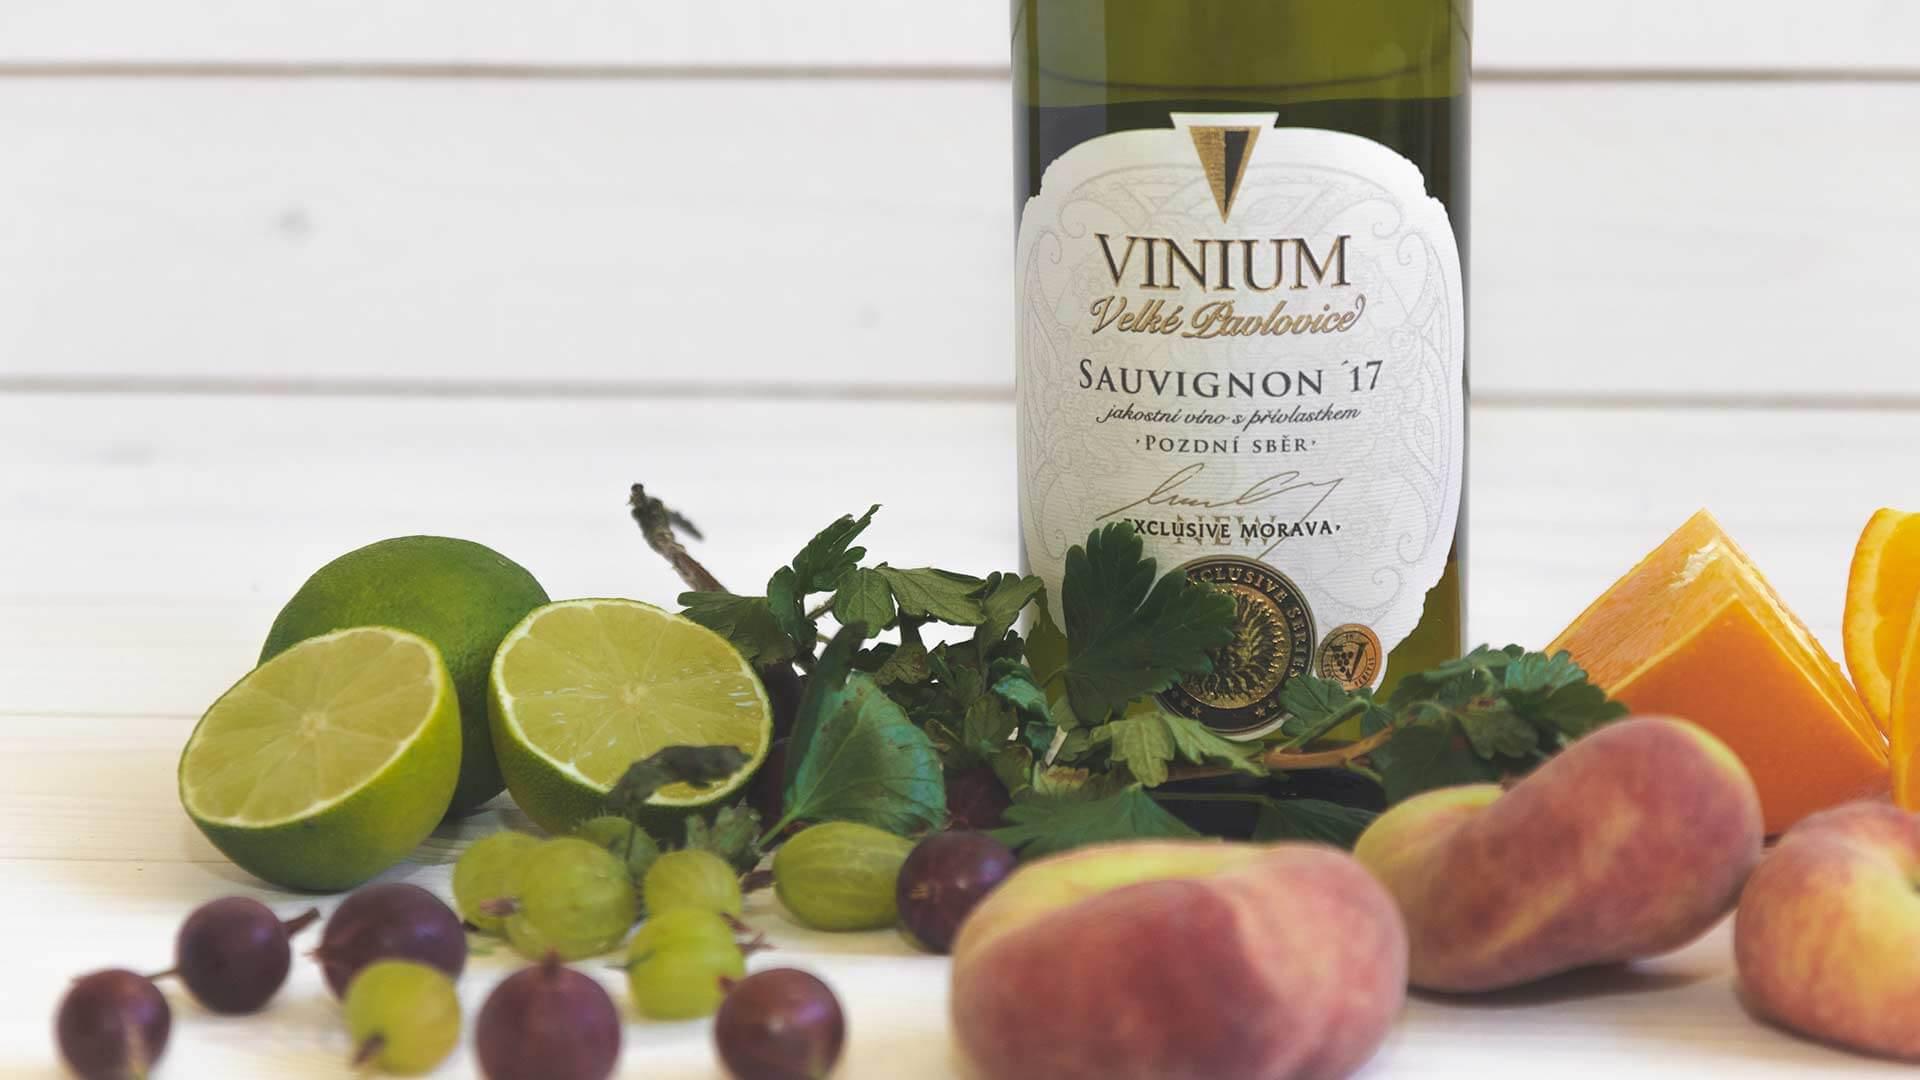 Sauvignon 2017, pozdní sběr, VINIUM Exclusive